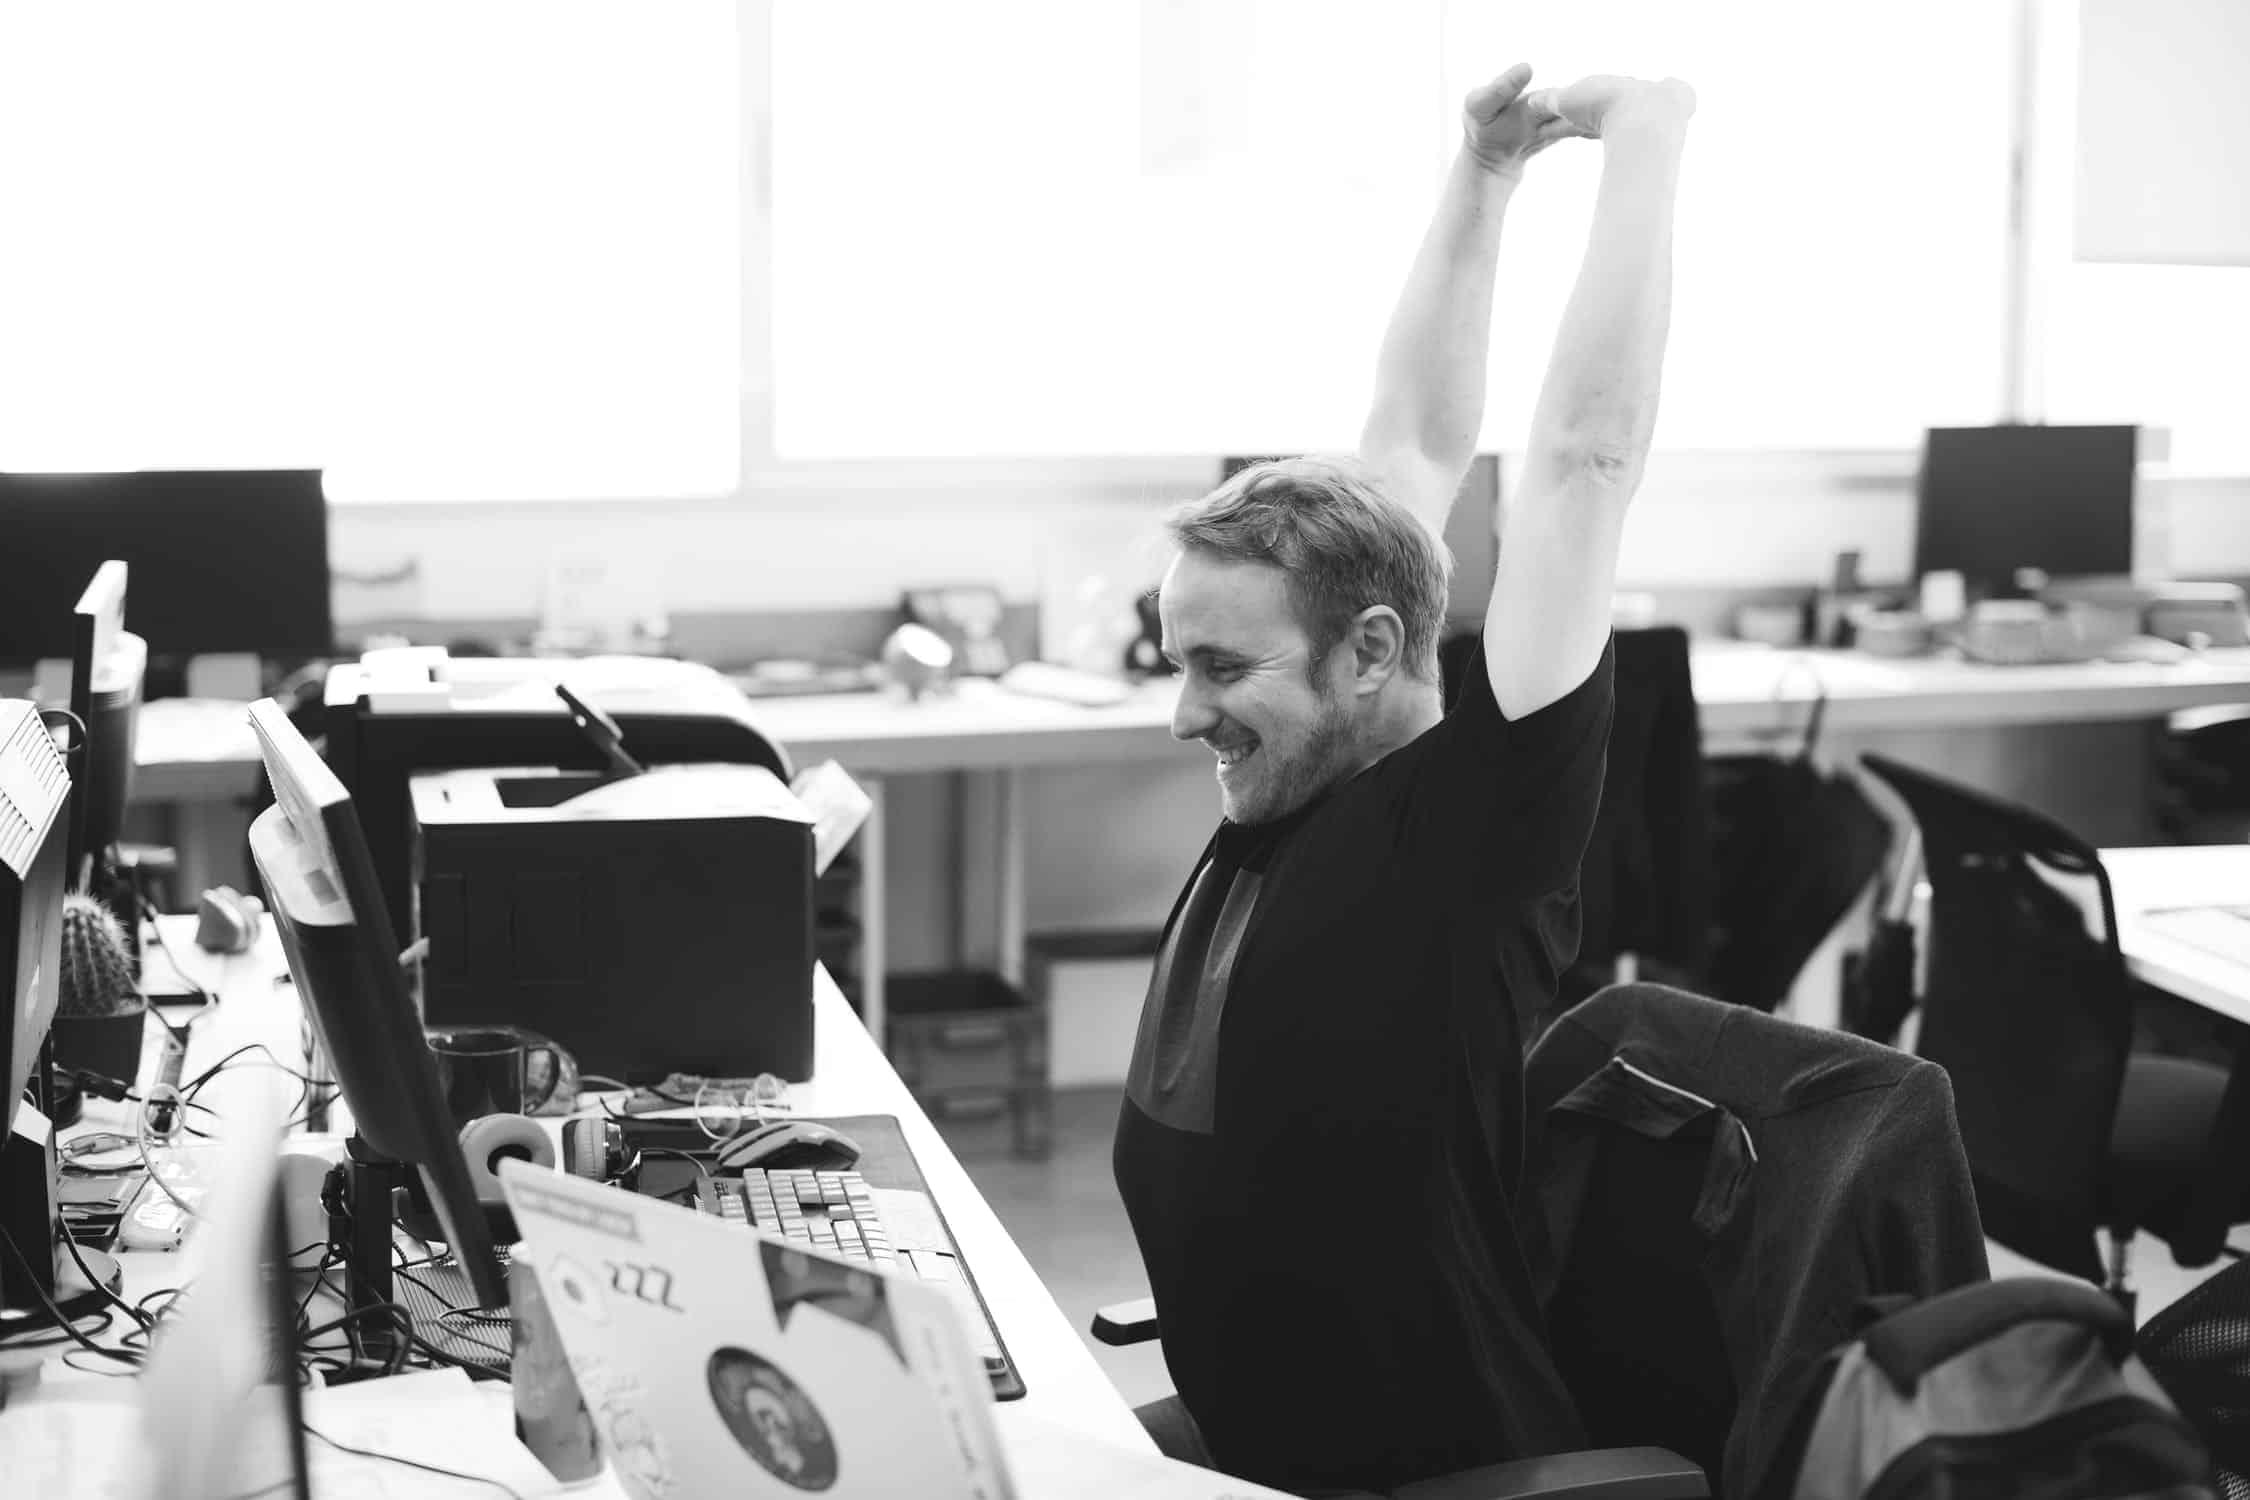 stretch to reduce workplace stress